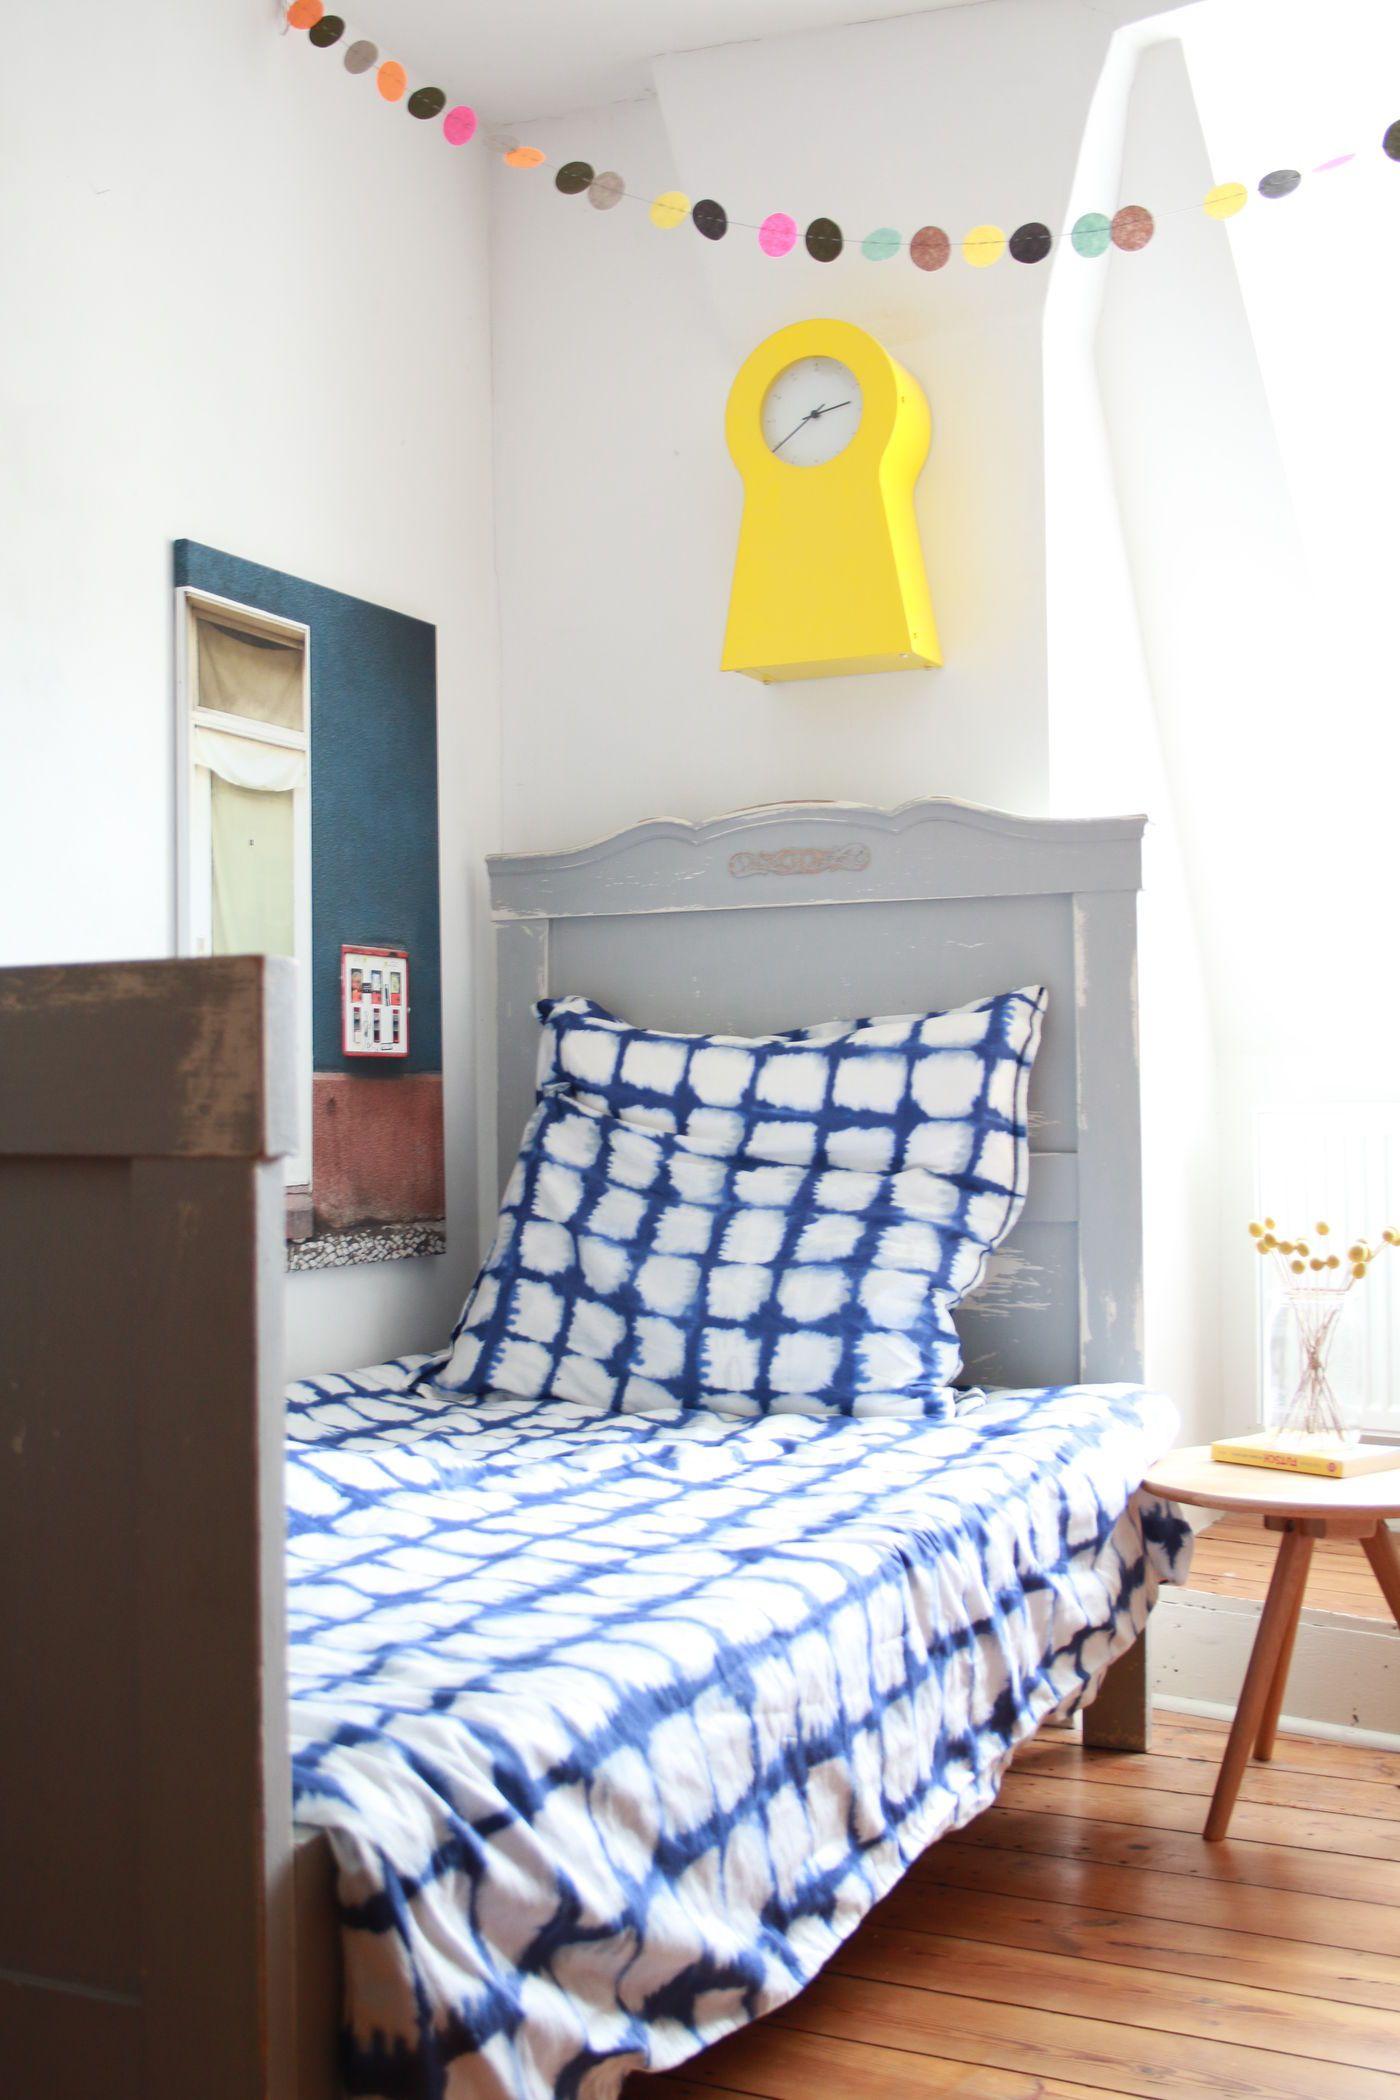 Jugendzimmer ideen zum einrichten und gestalten - Designer jugendzimmer ...